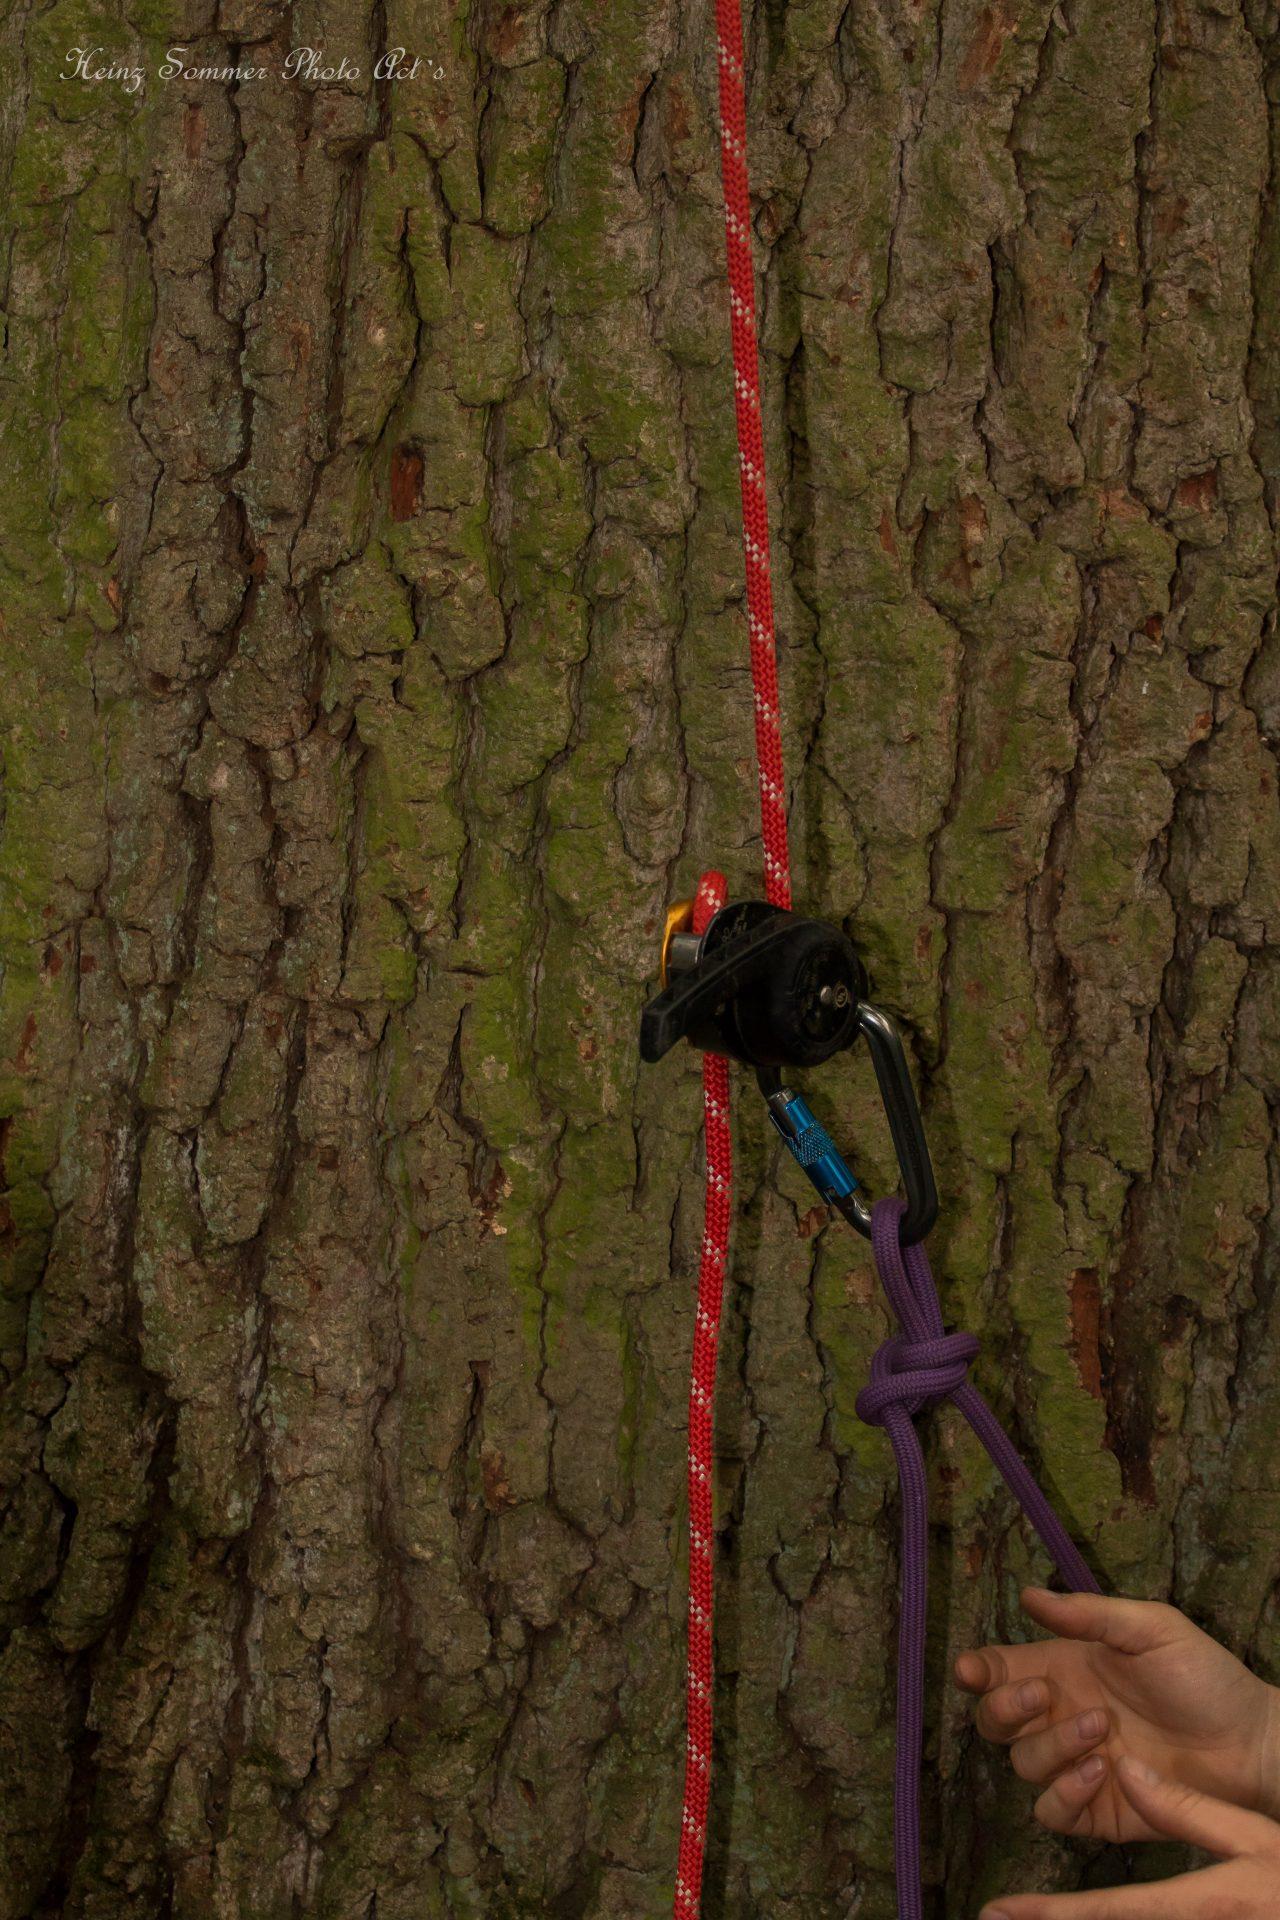 Petzel Rig zum ablassen des Aufstiegsseiles - Busch Baumpflege